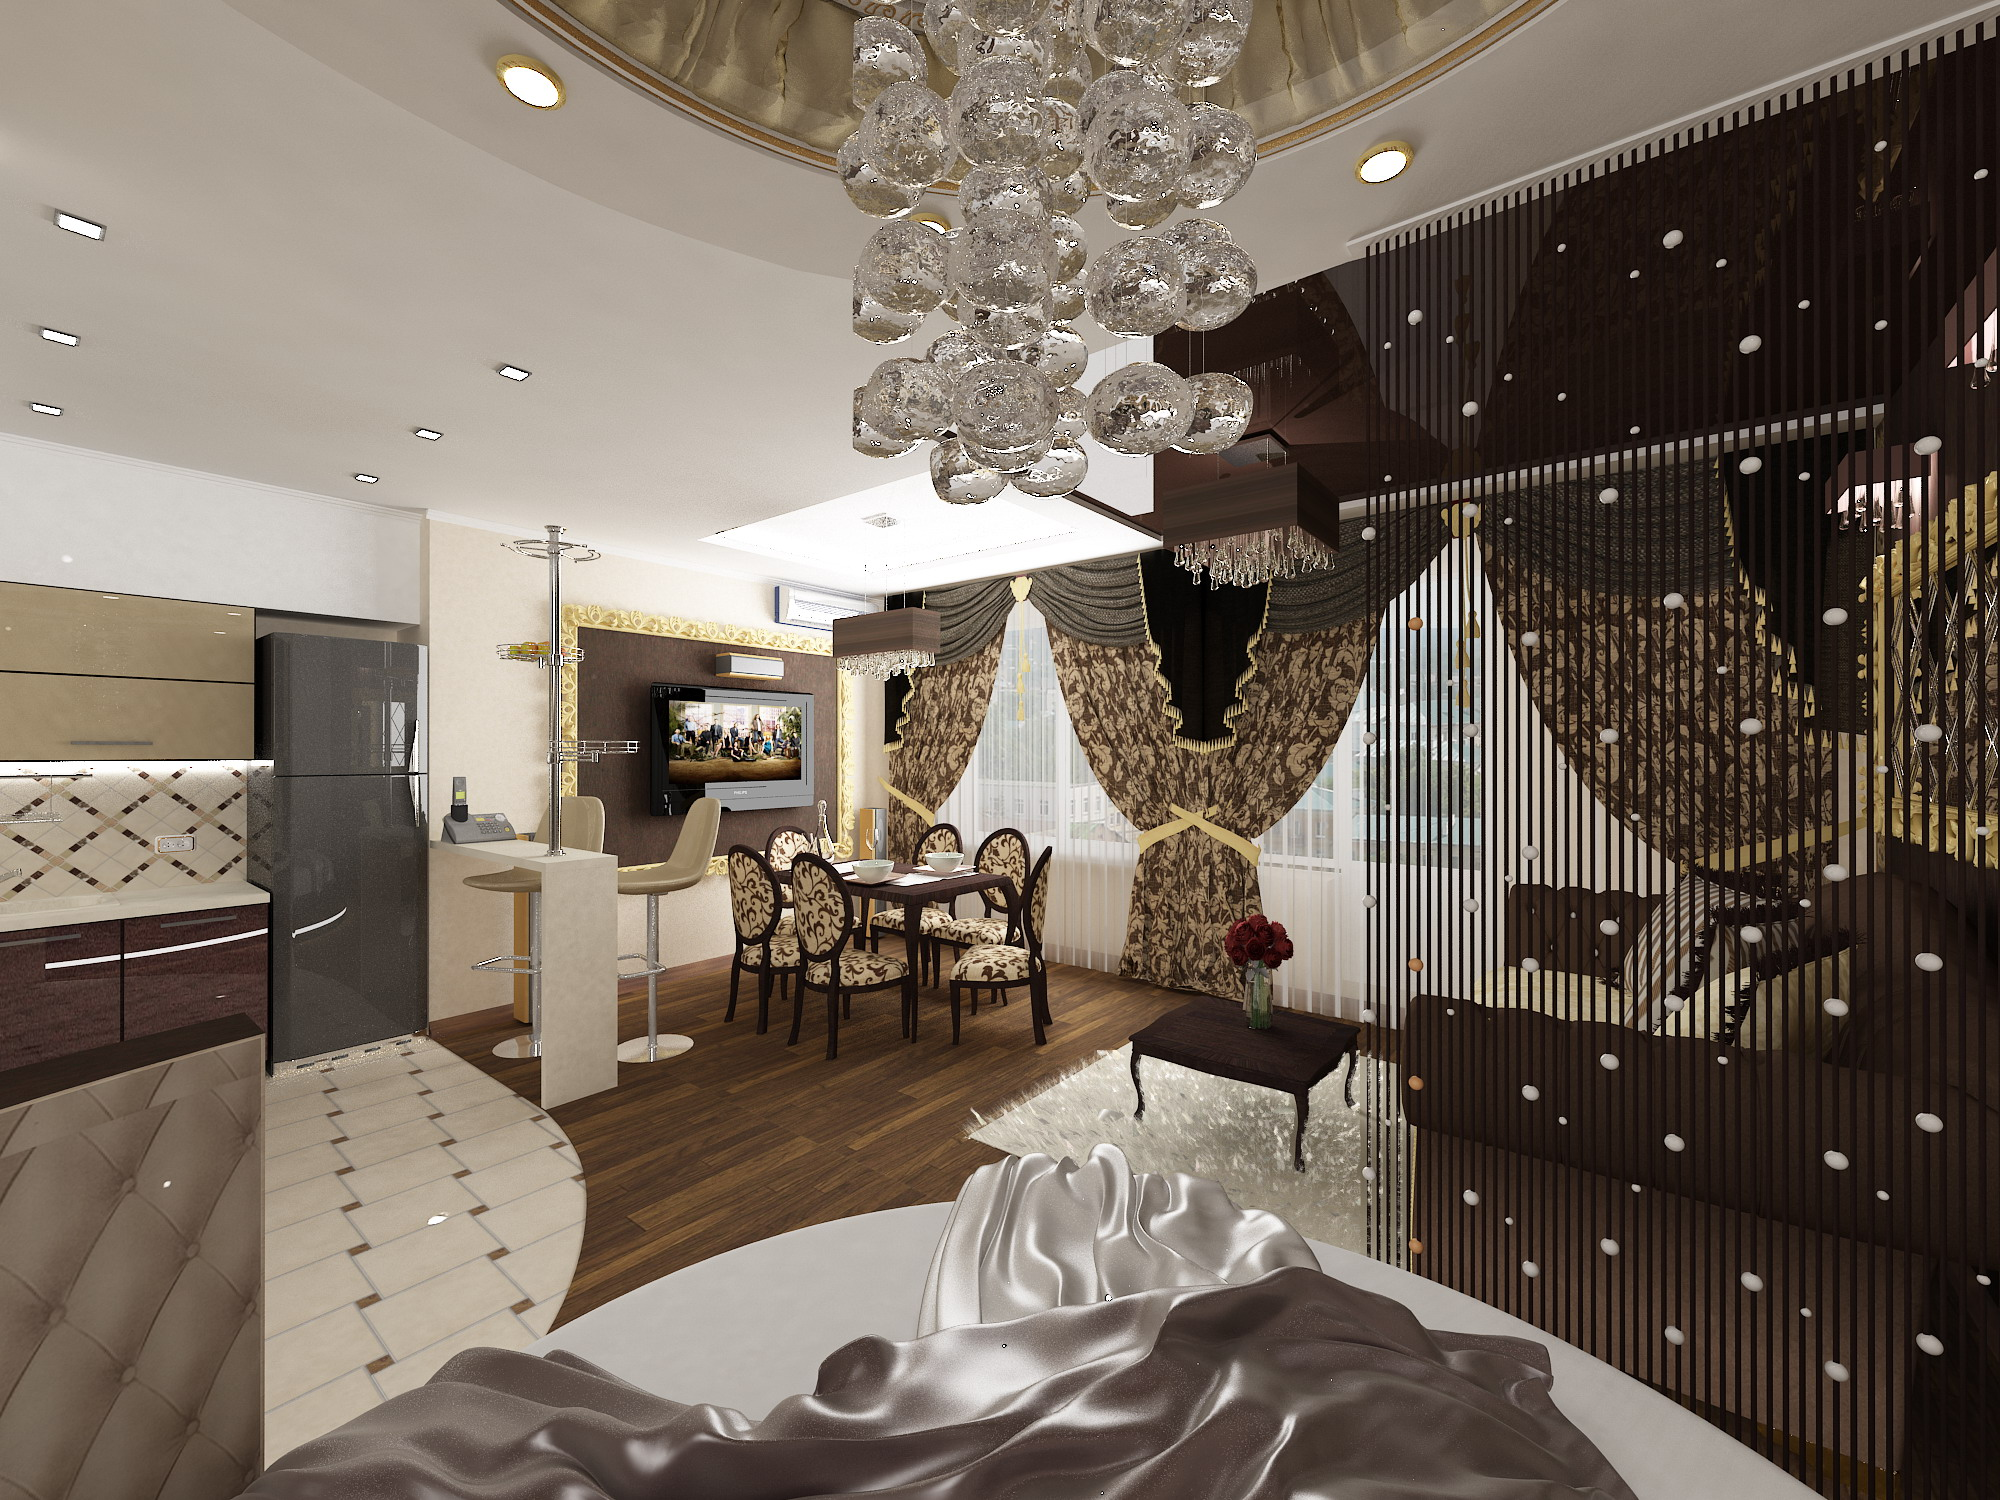 Дизайн двухкомнатной квартиры 60 кв.м с детской